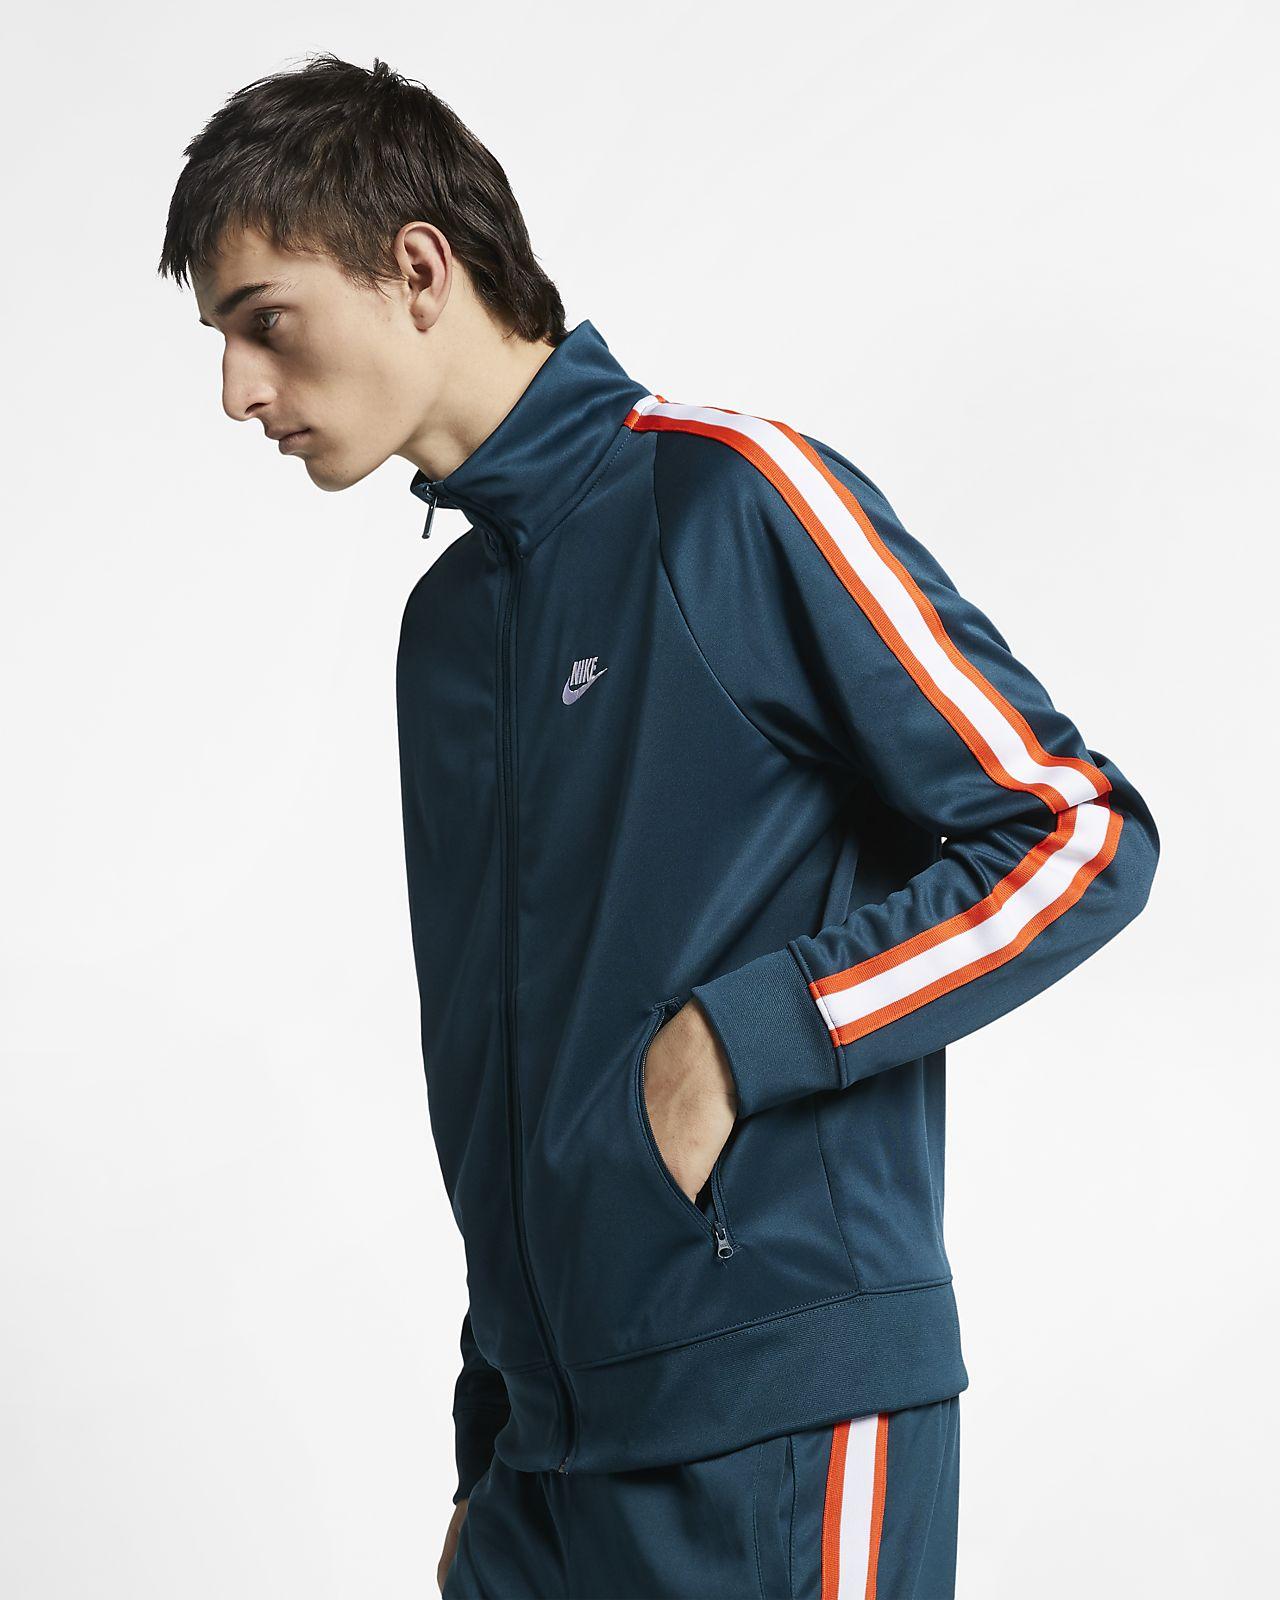 c827d296 Nike Sportswear N98 Men's Knit Warm-Up Jacket. Nike.com LU